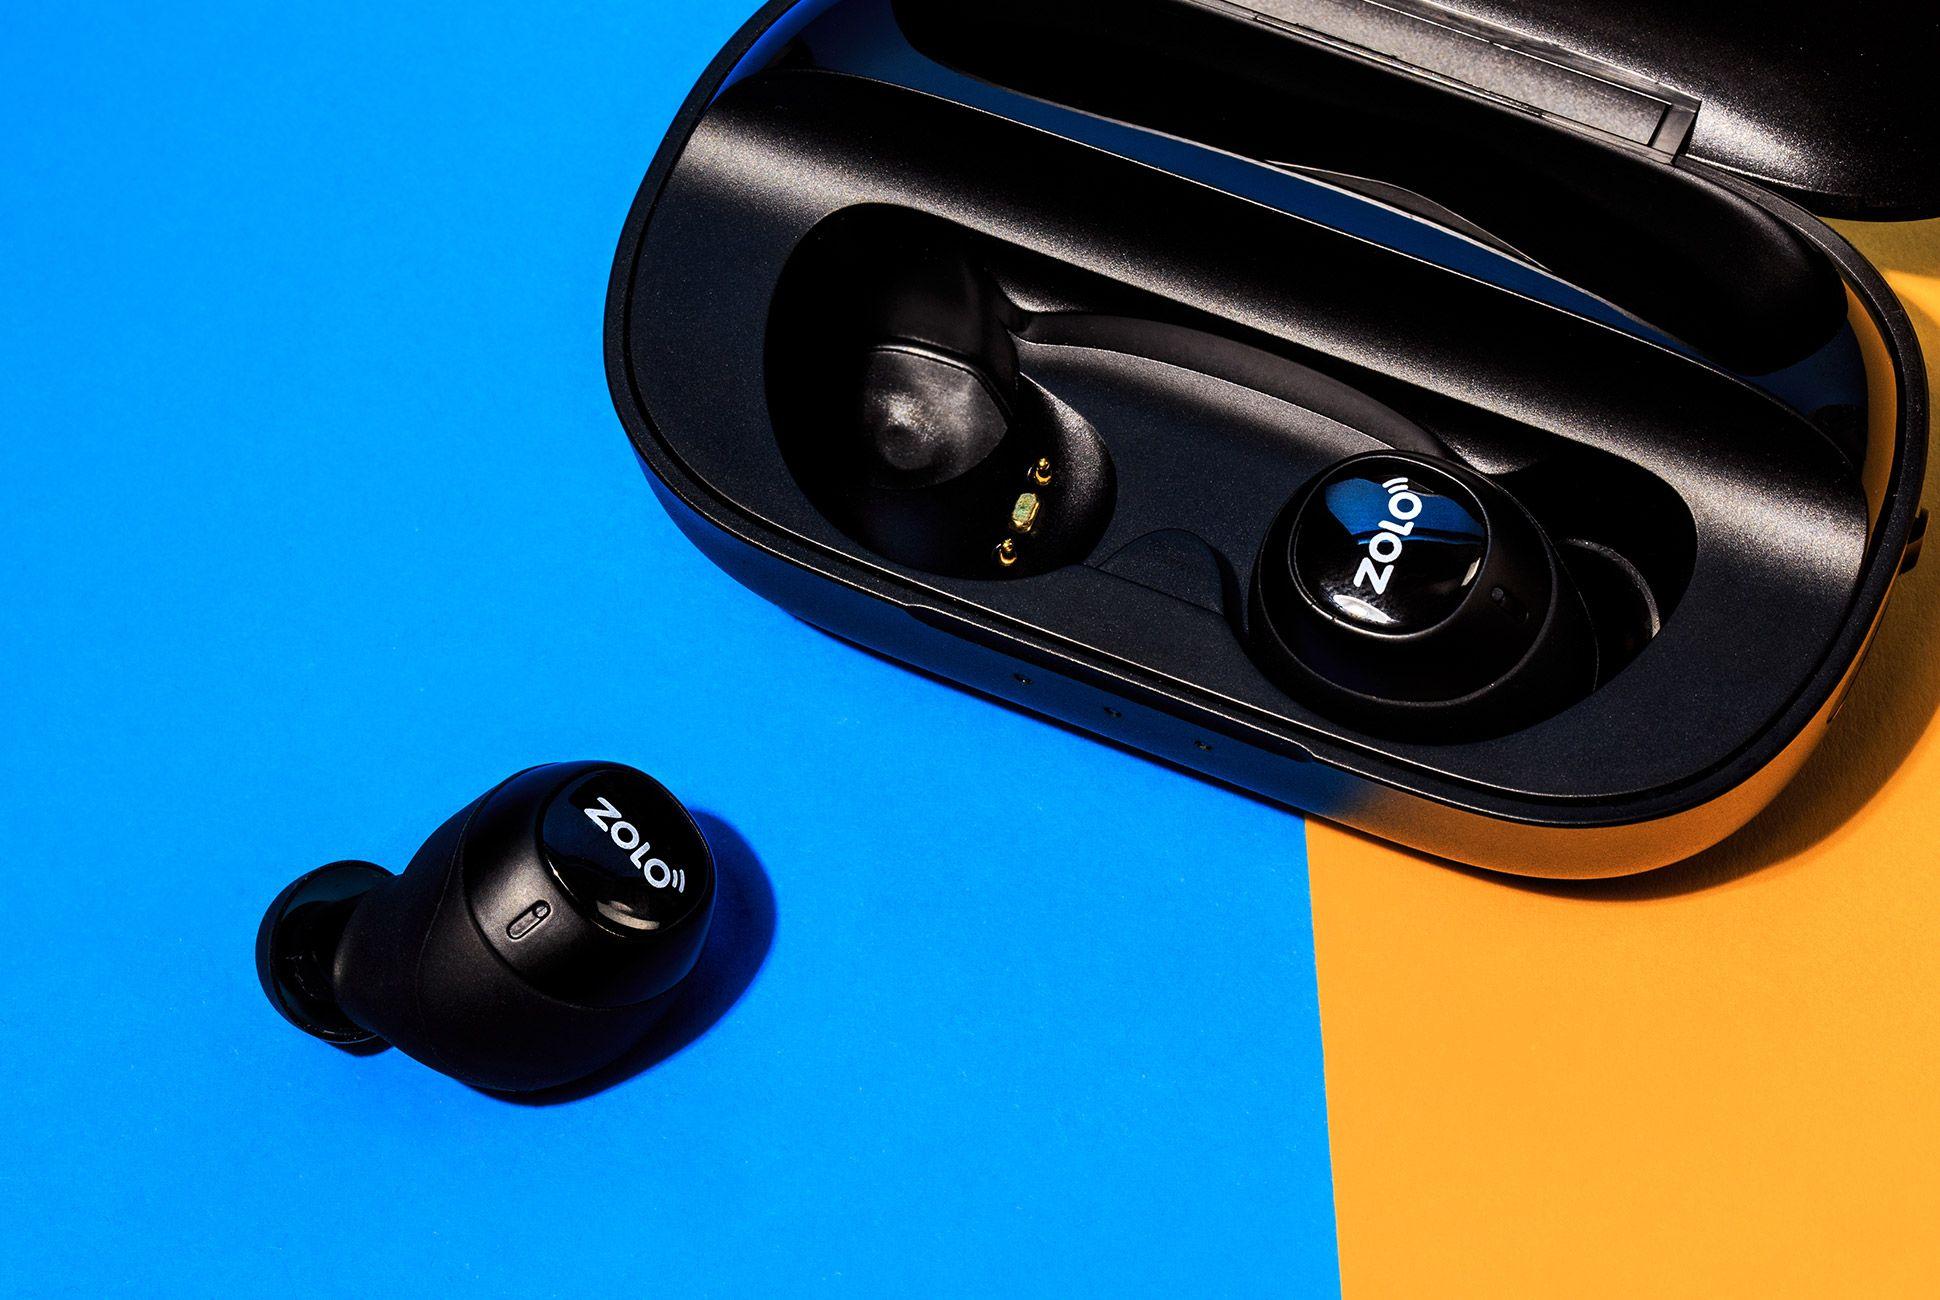 Anker-Liberty-Zolo-Wireless-Headphones-gear-patrol-2